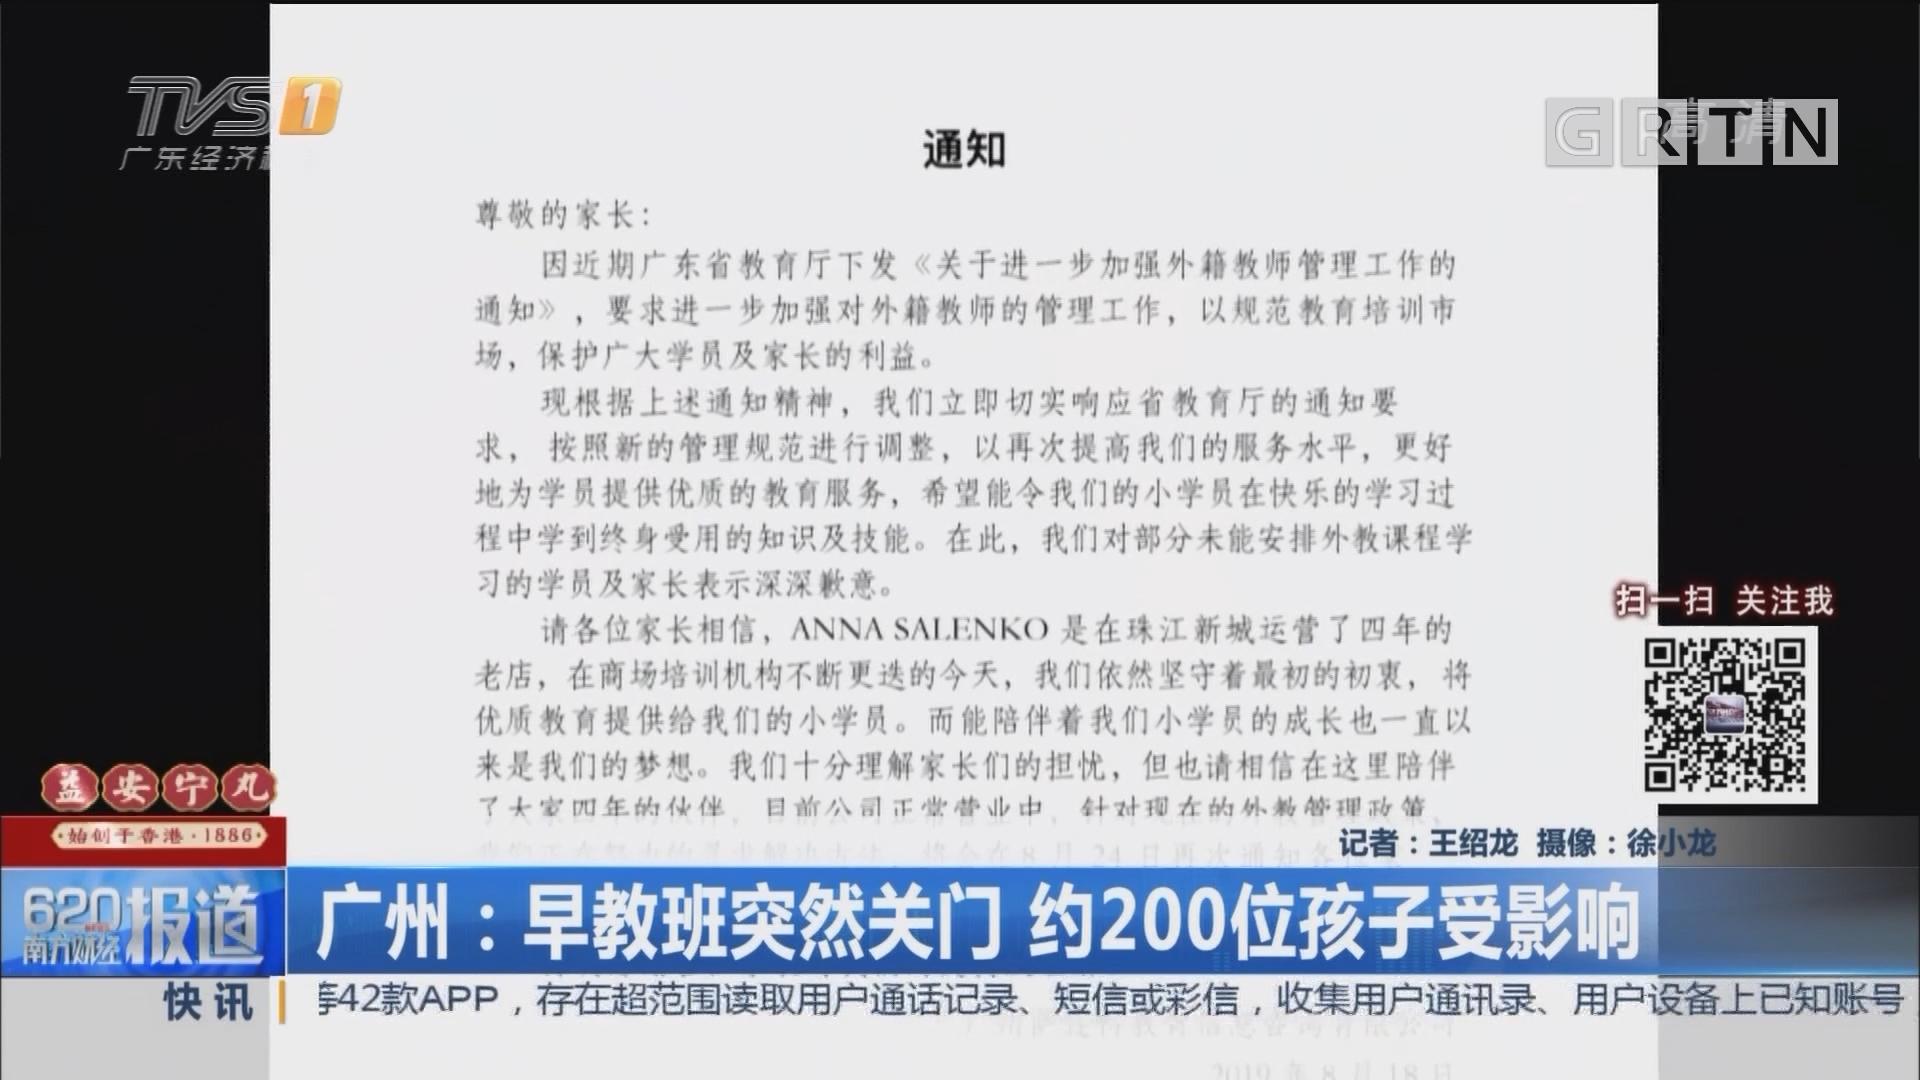 广州:早教班突然关门 约200位孩子受影响